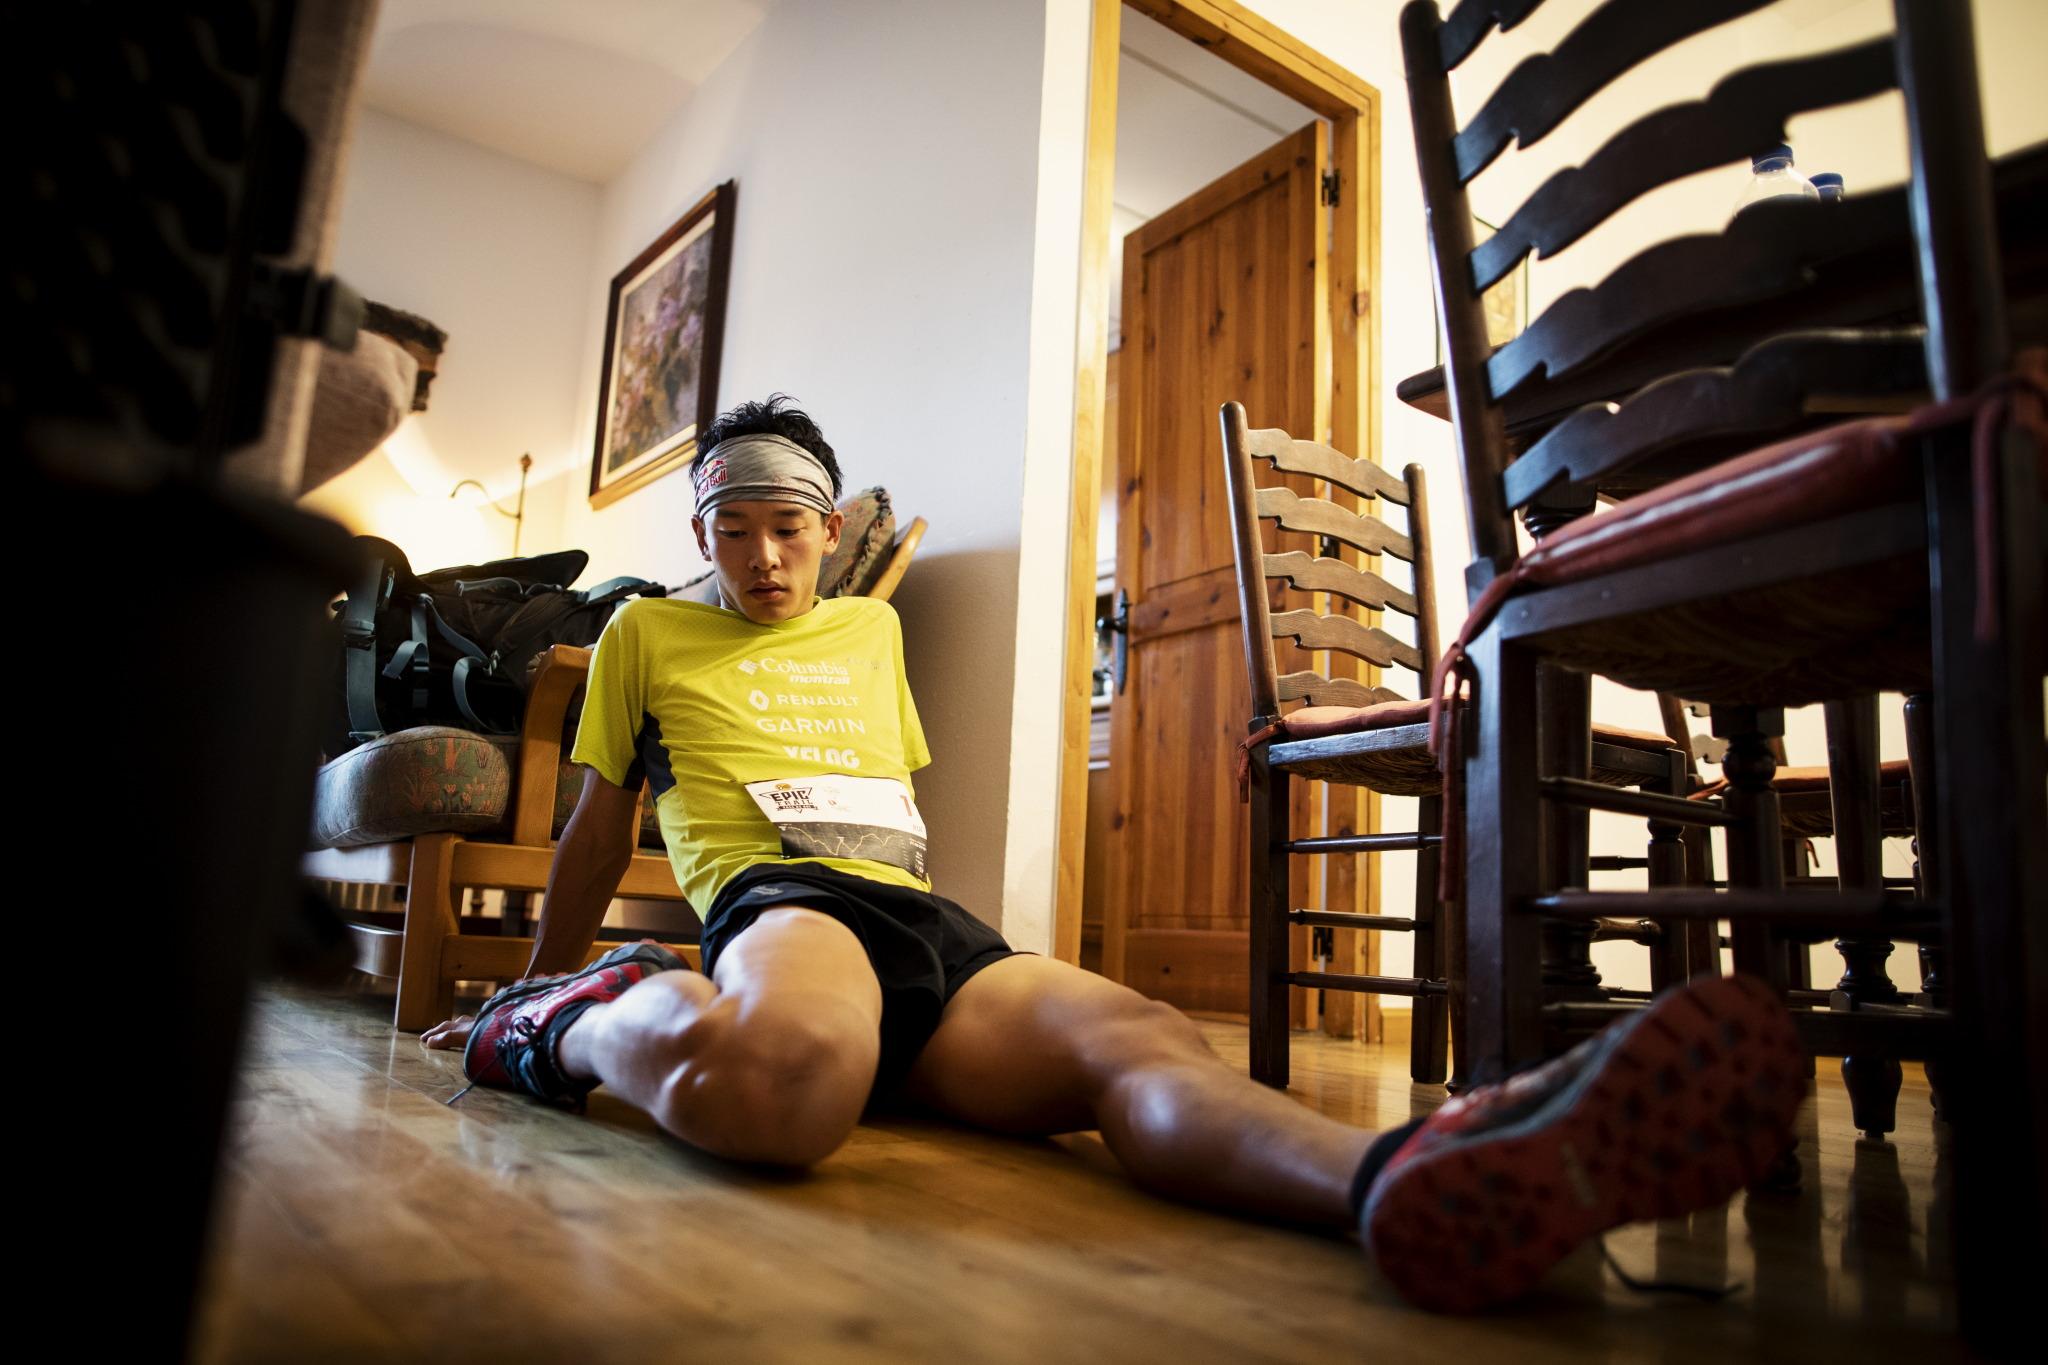 シリーズは長い長いひとつのレース。上田の挑戦は続く ©コロンビアスポーツウェアジャパン/Sho Fujimaki